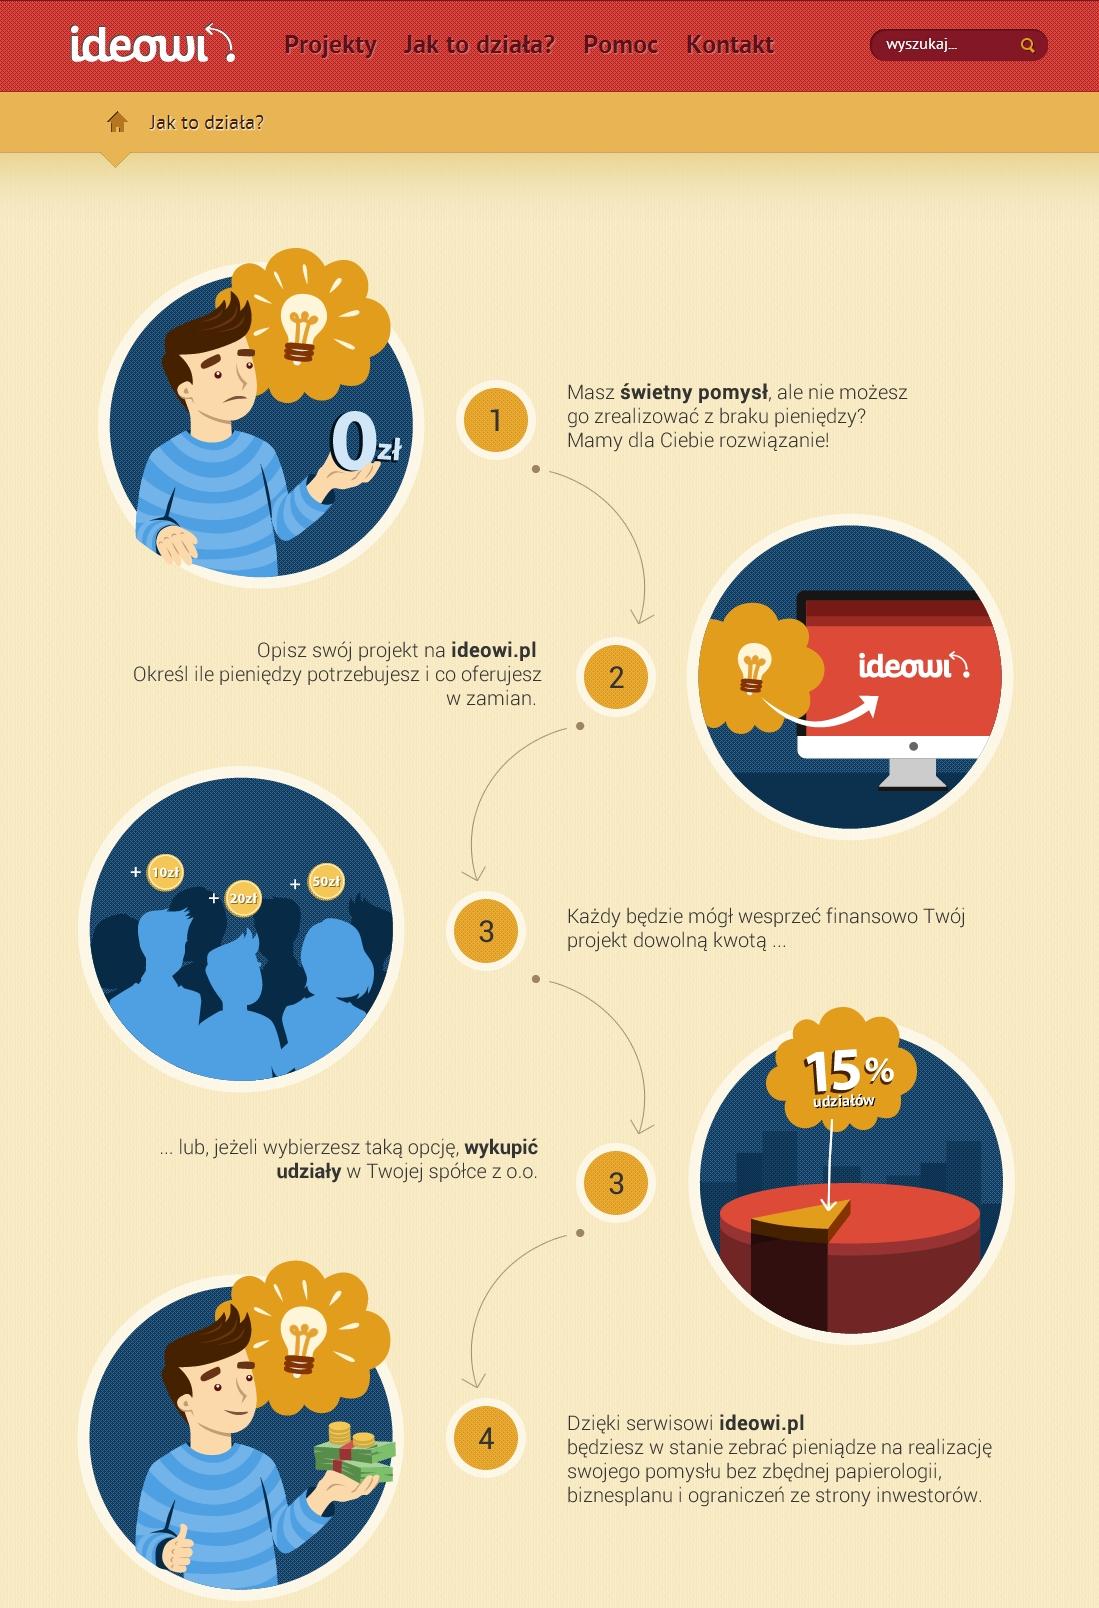 crowdfunding udzialowy infografika jak dziala